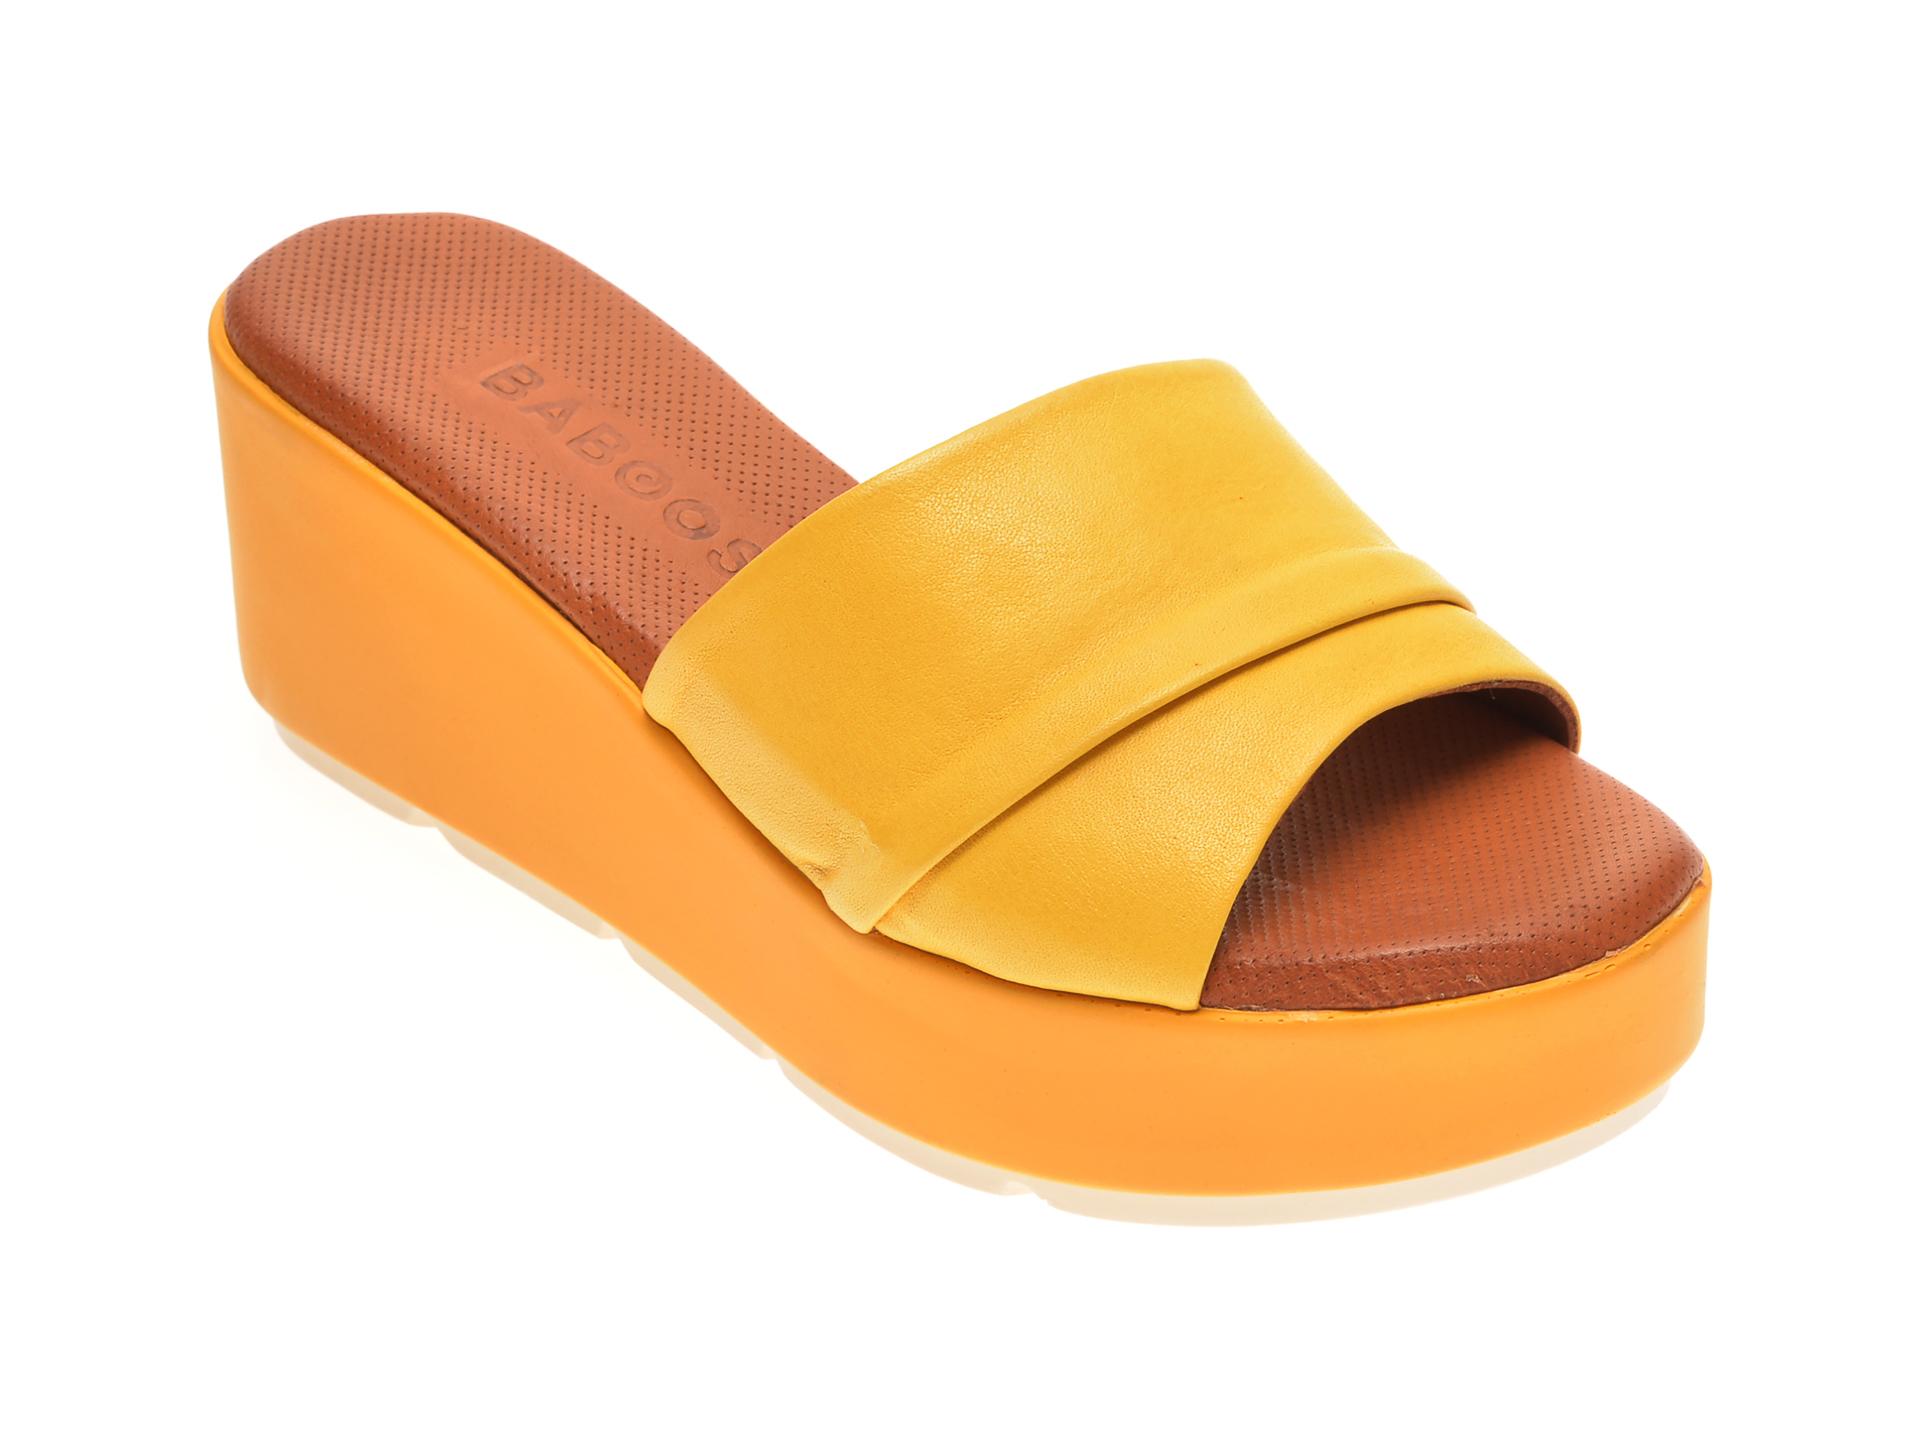 Papuci BABOOS galbeni, 2517, din piele naturala